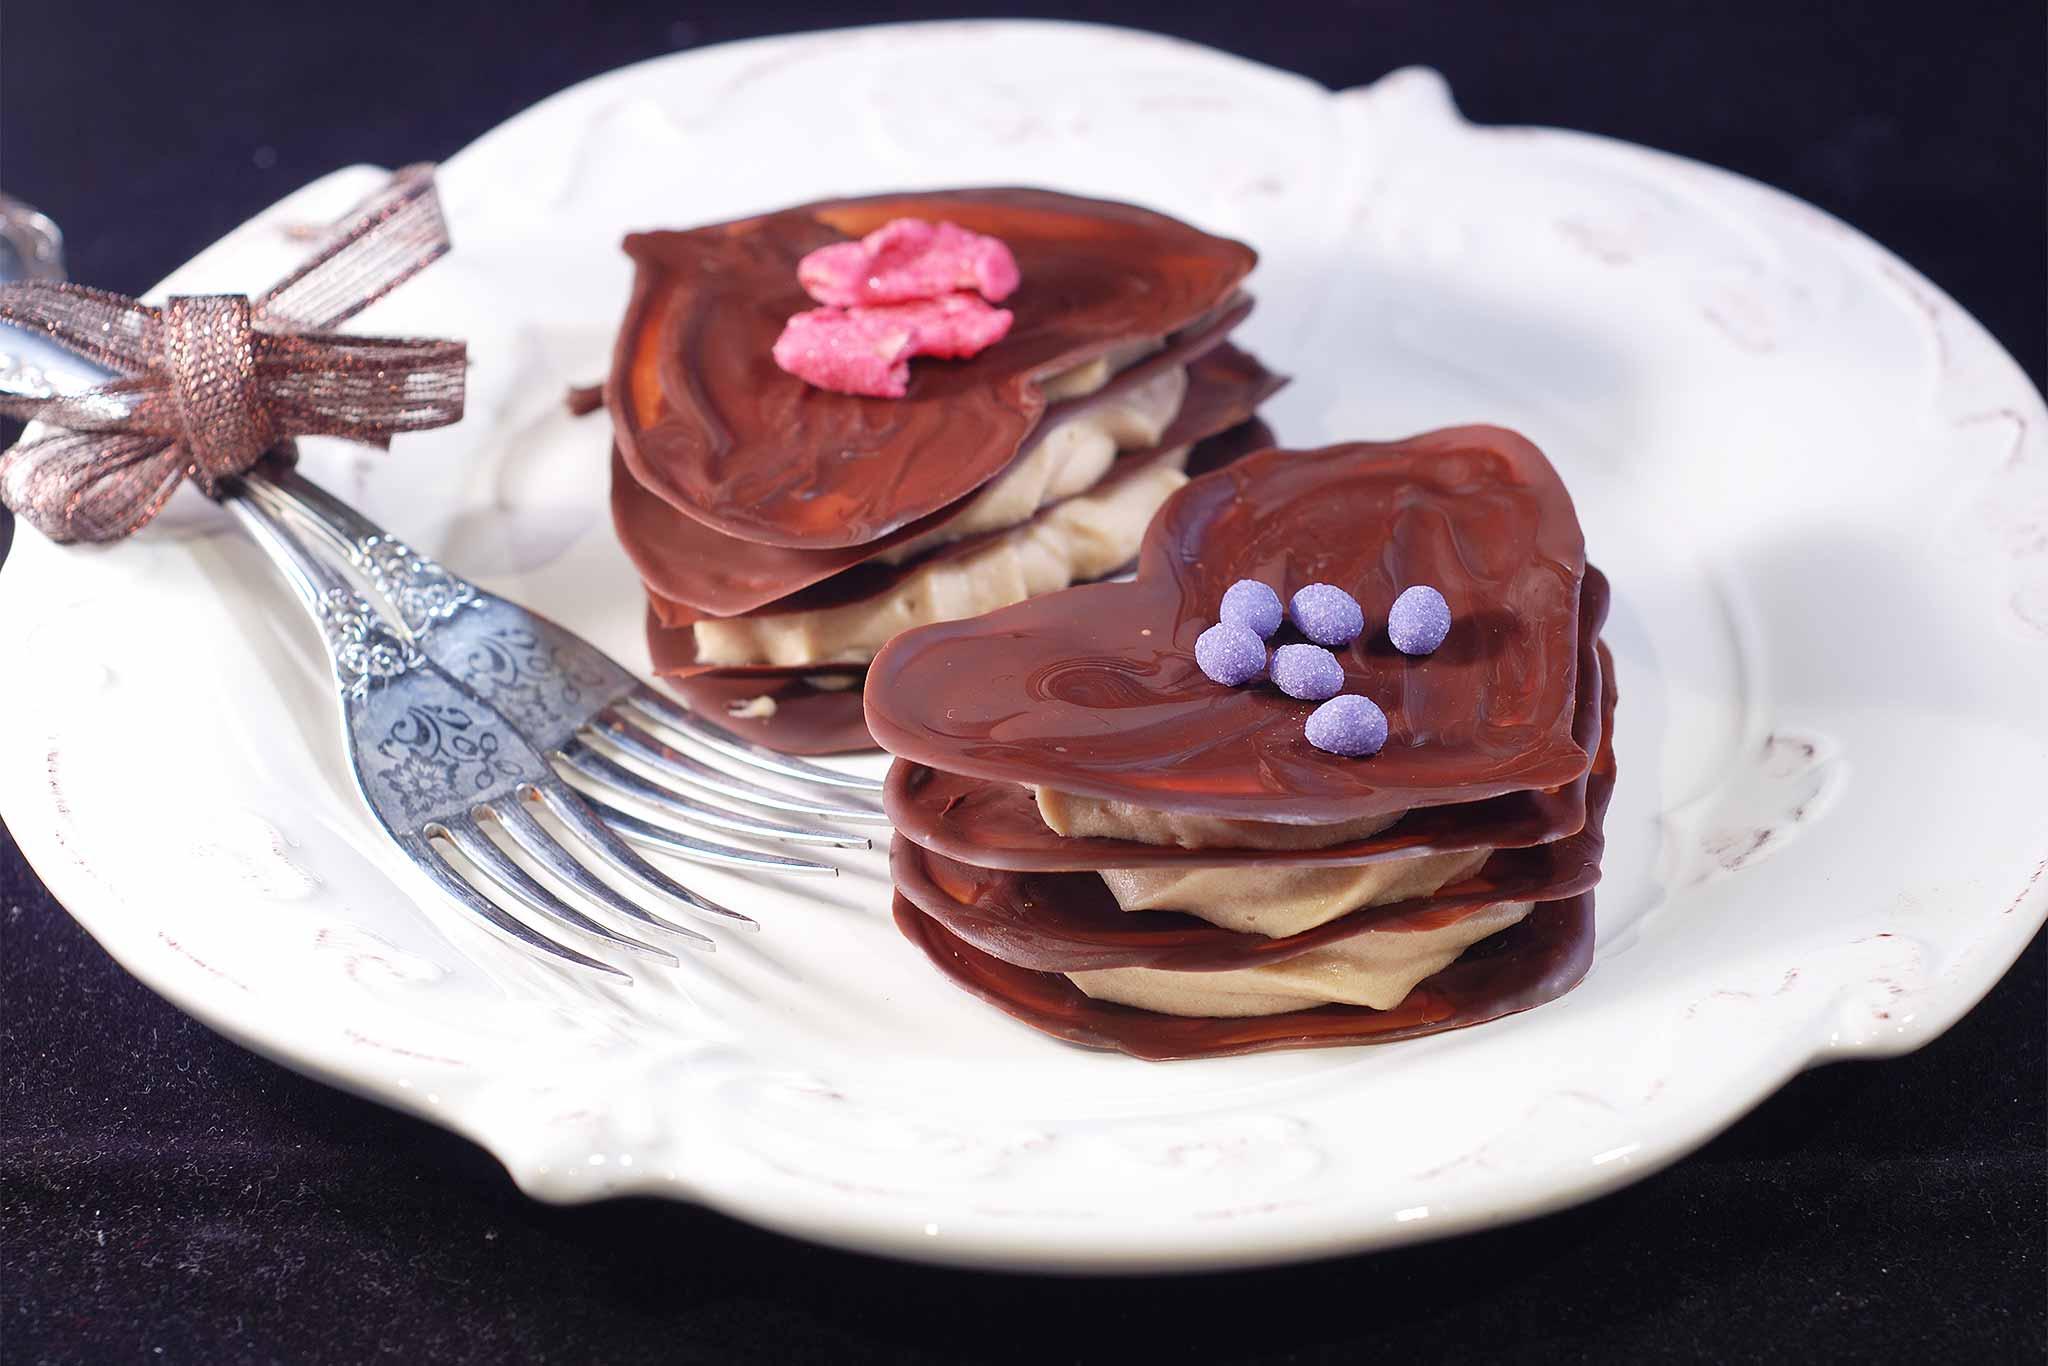 cuori-cioccolato-san-valentino